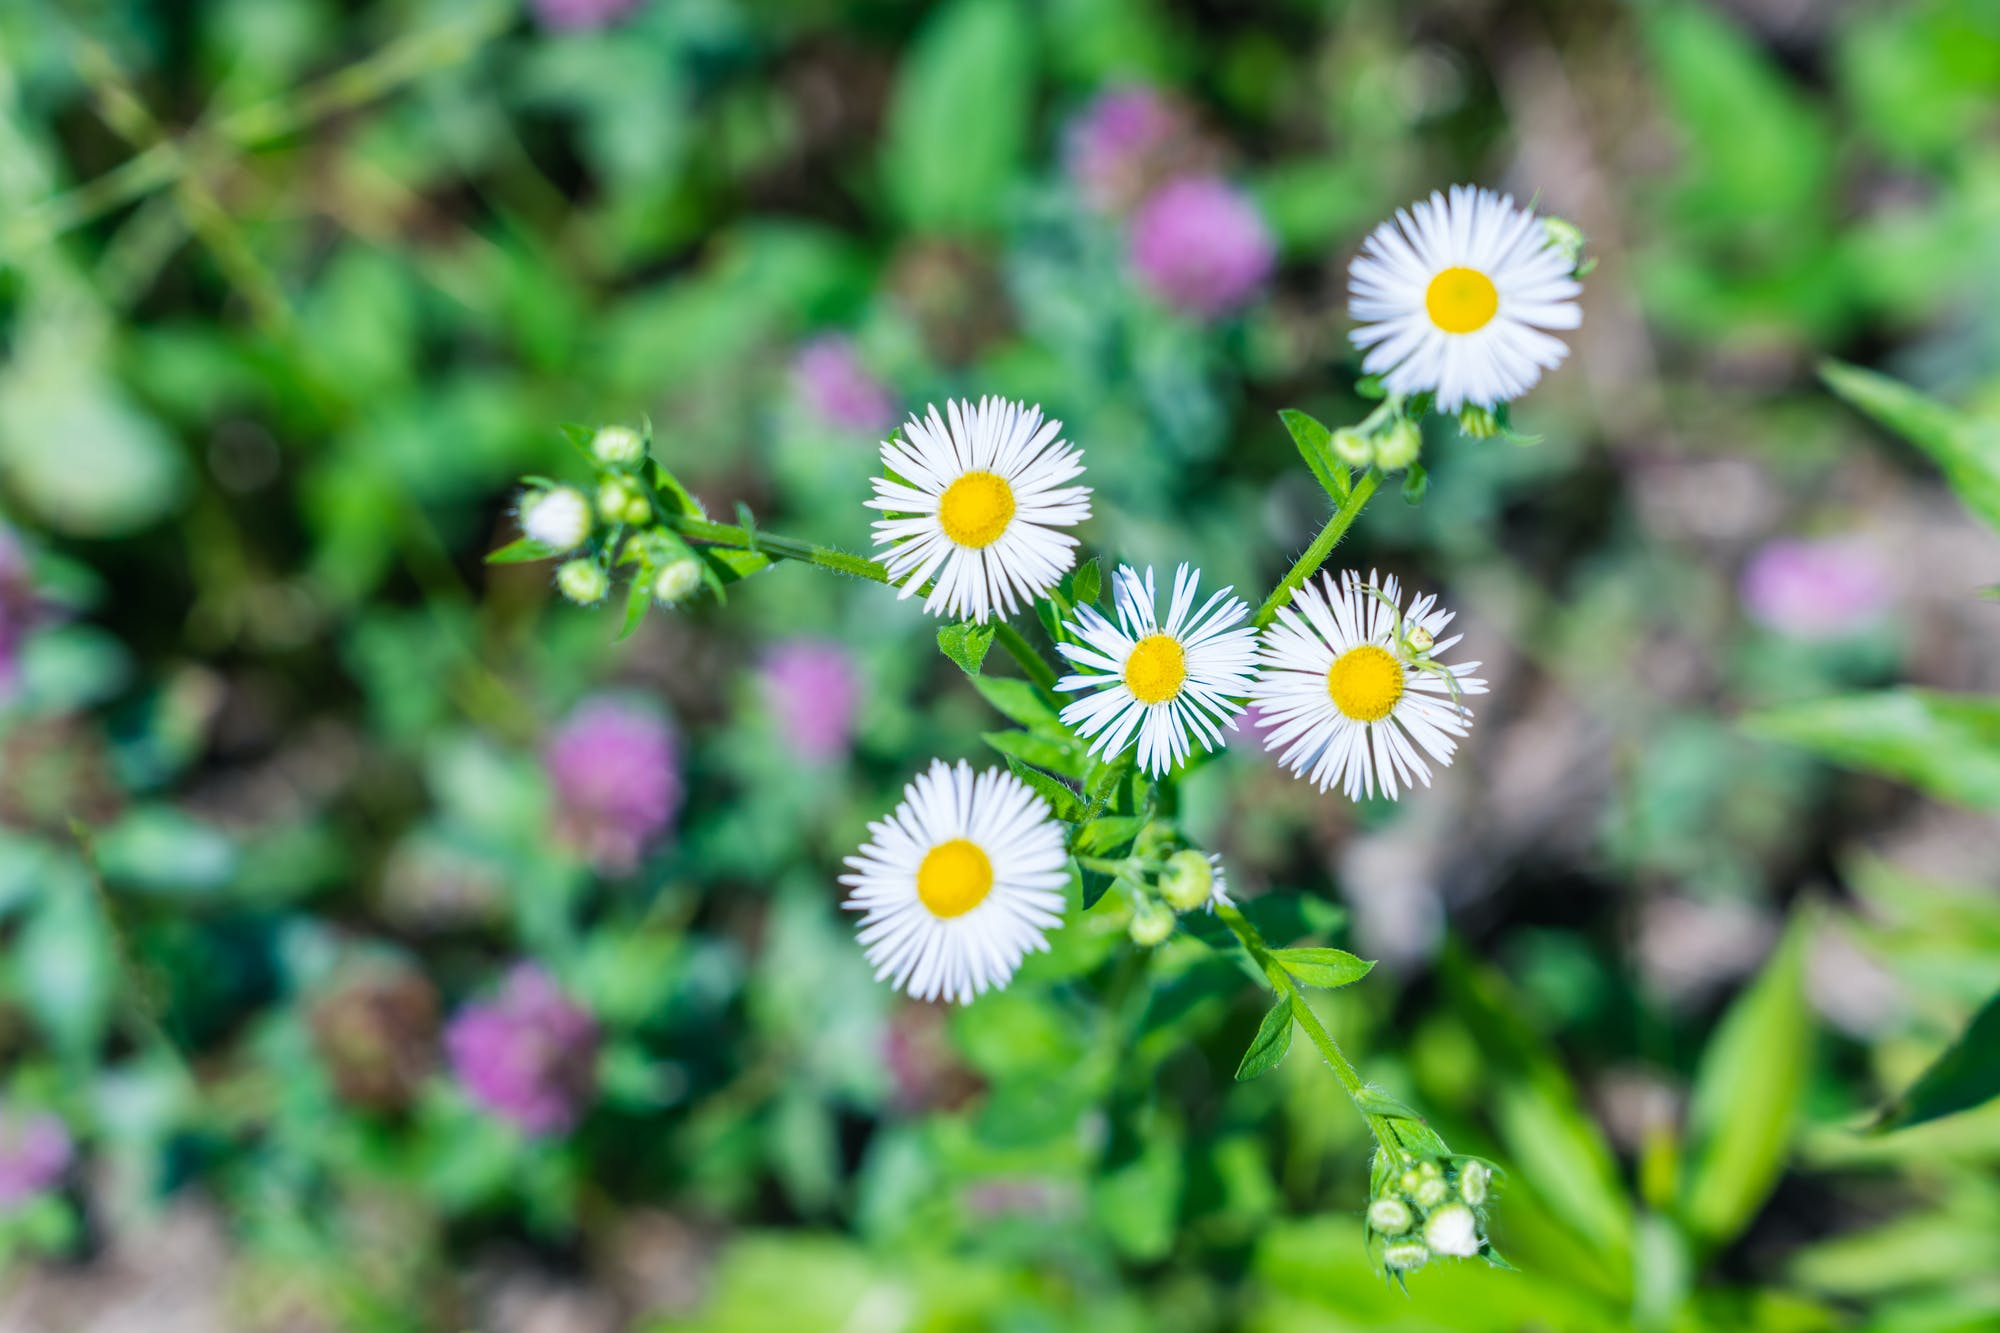 名前 花 を 調べる アプリ の 花の名前を調べるには?無料アプリ「GreenSnap」を使ってみました!